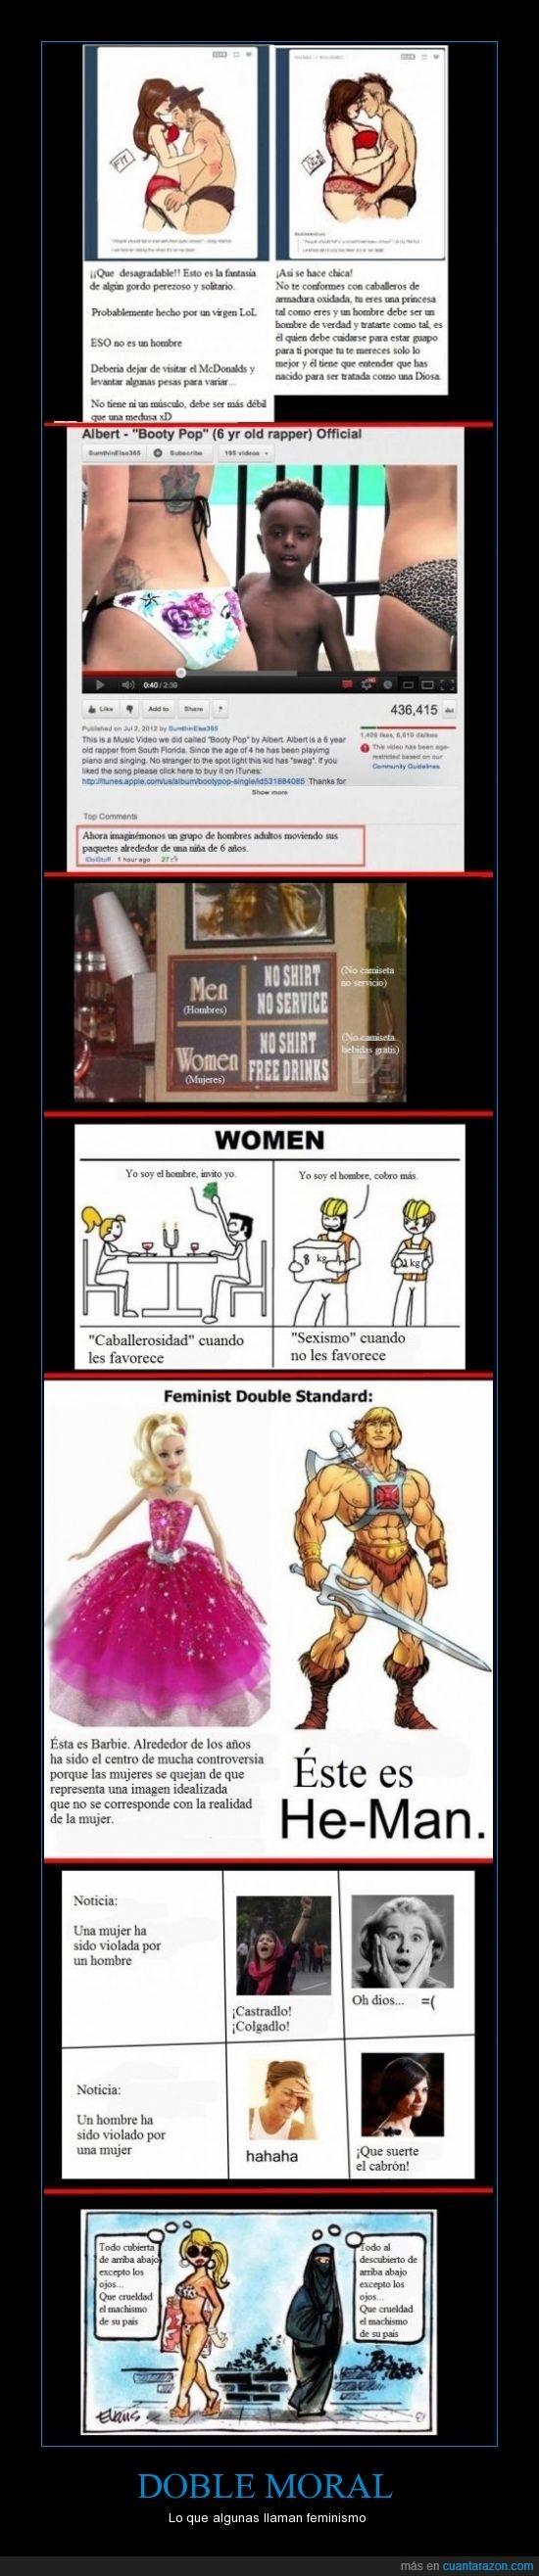 doble moral,feminismo,no todas pero si muchas